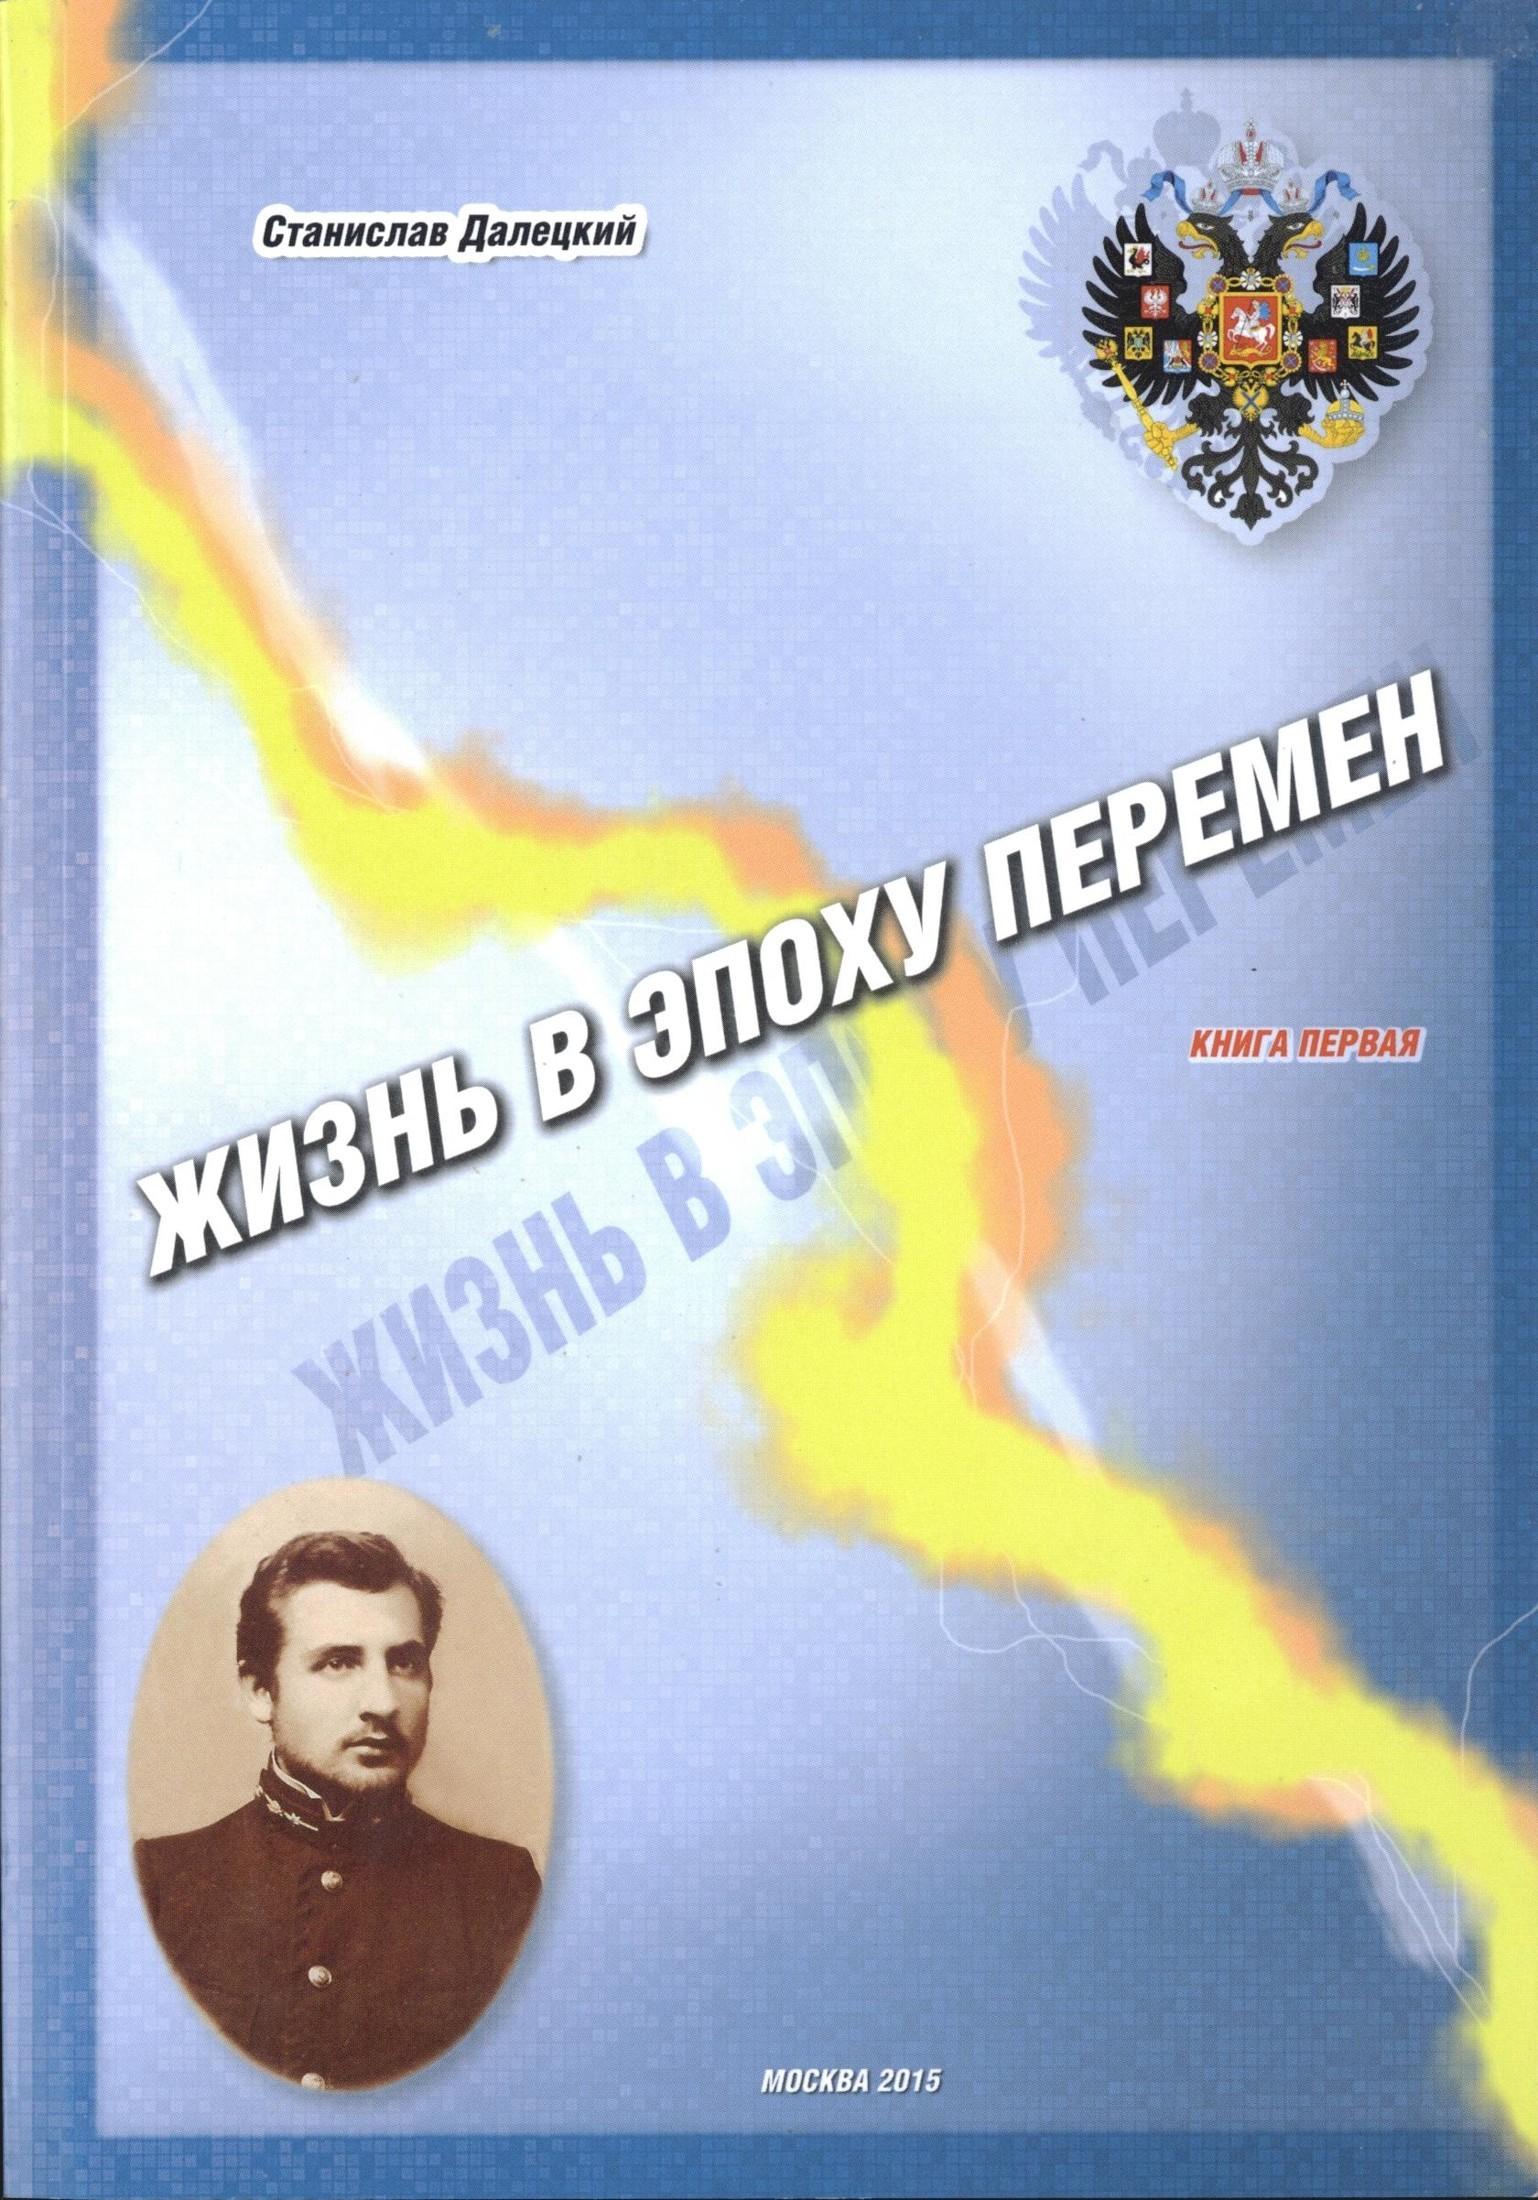 Станислав Владимирович Далецкий Жизнь в эпоху перемен. Книга первая